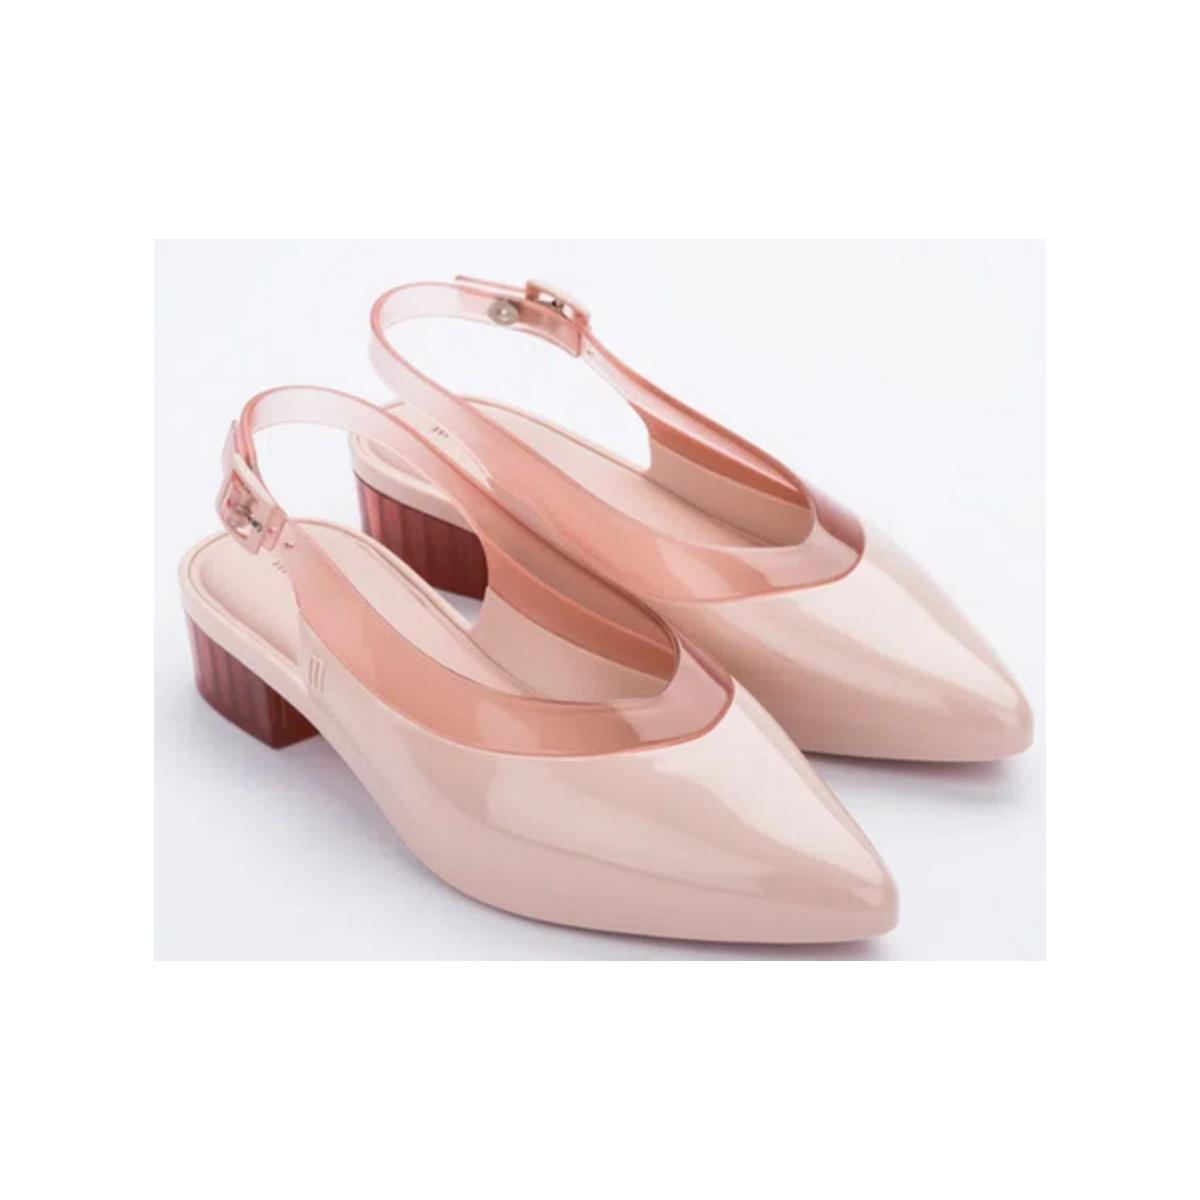 Sapato Feminino Melissa 32906 53709 Cleo Heel ad Rosa/rosa Transparente